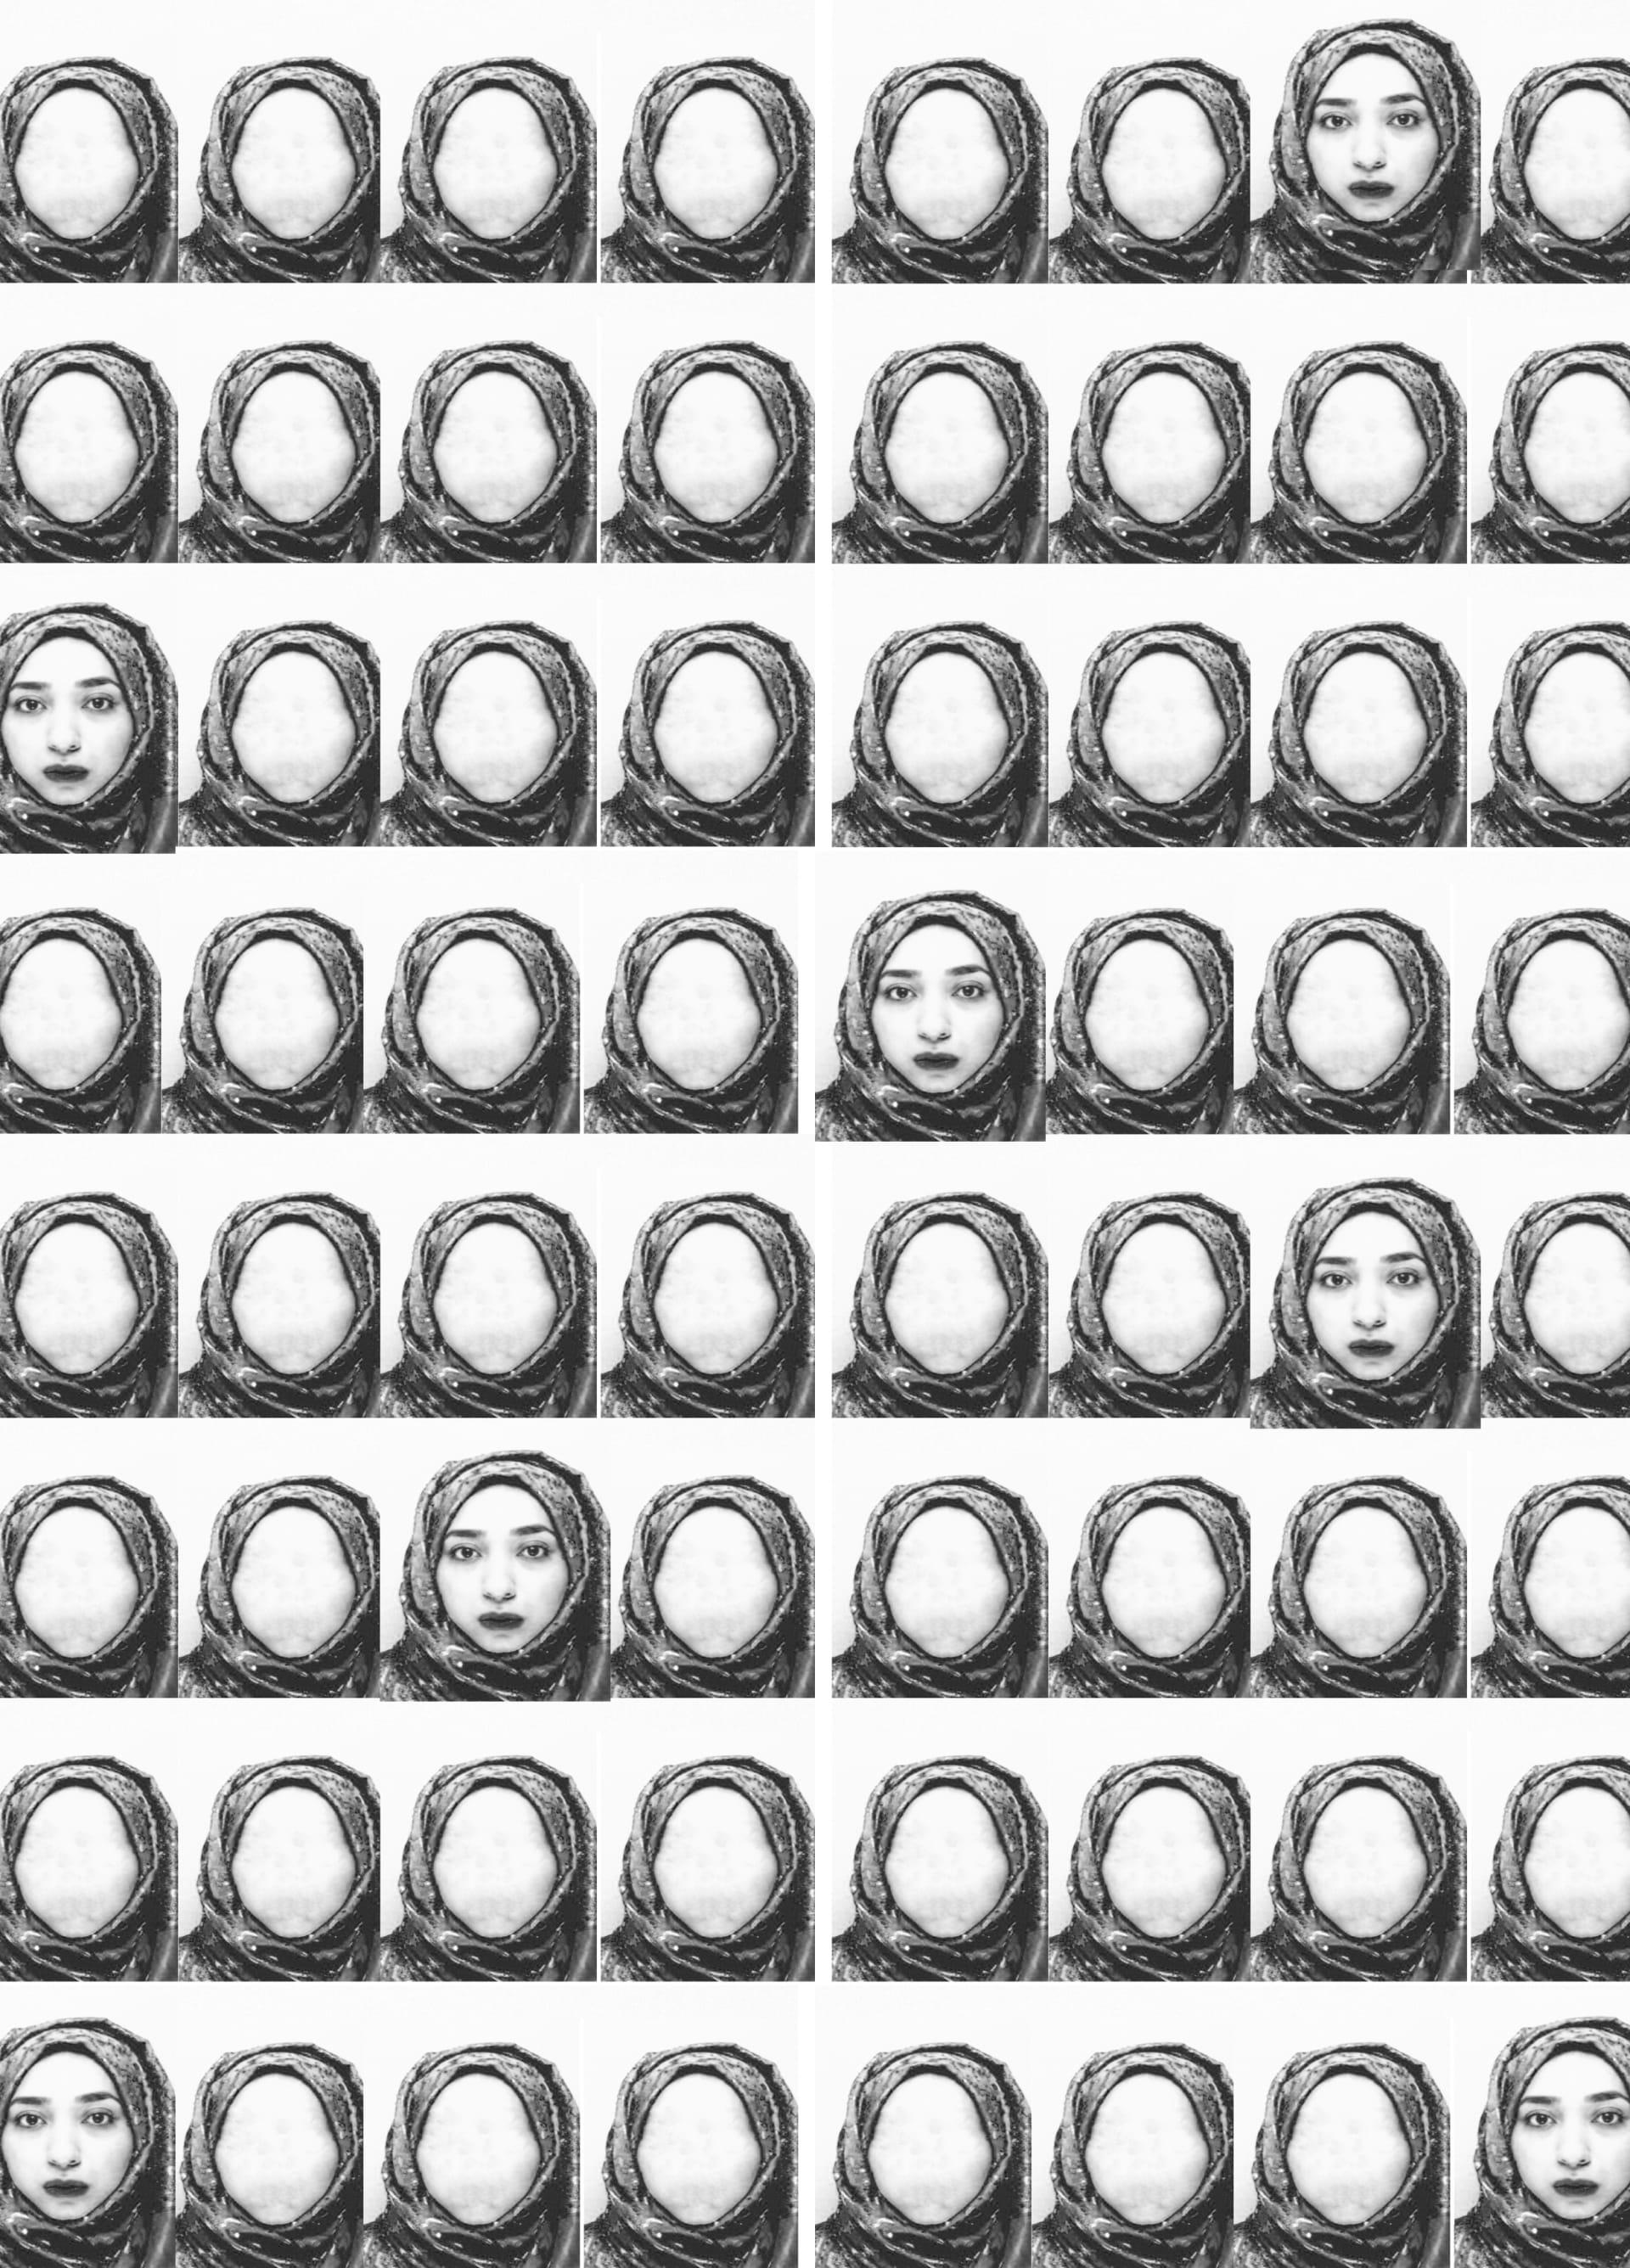 صور لنساء بلا وجوه وكلمات بلا أسطر.. ما علاقتها بالمحجبات؟